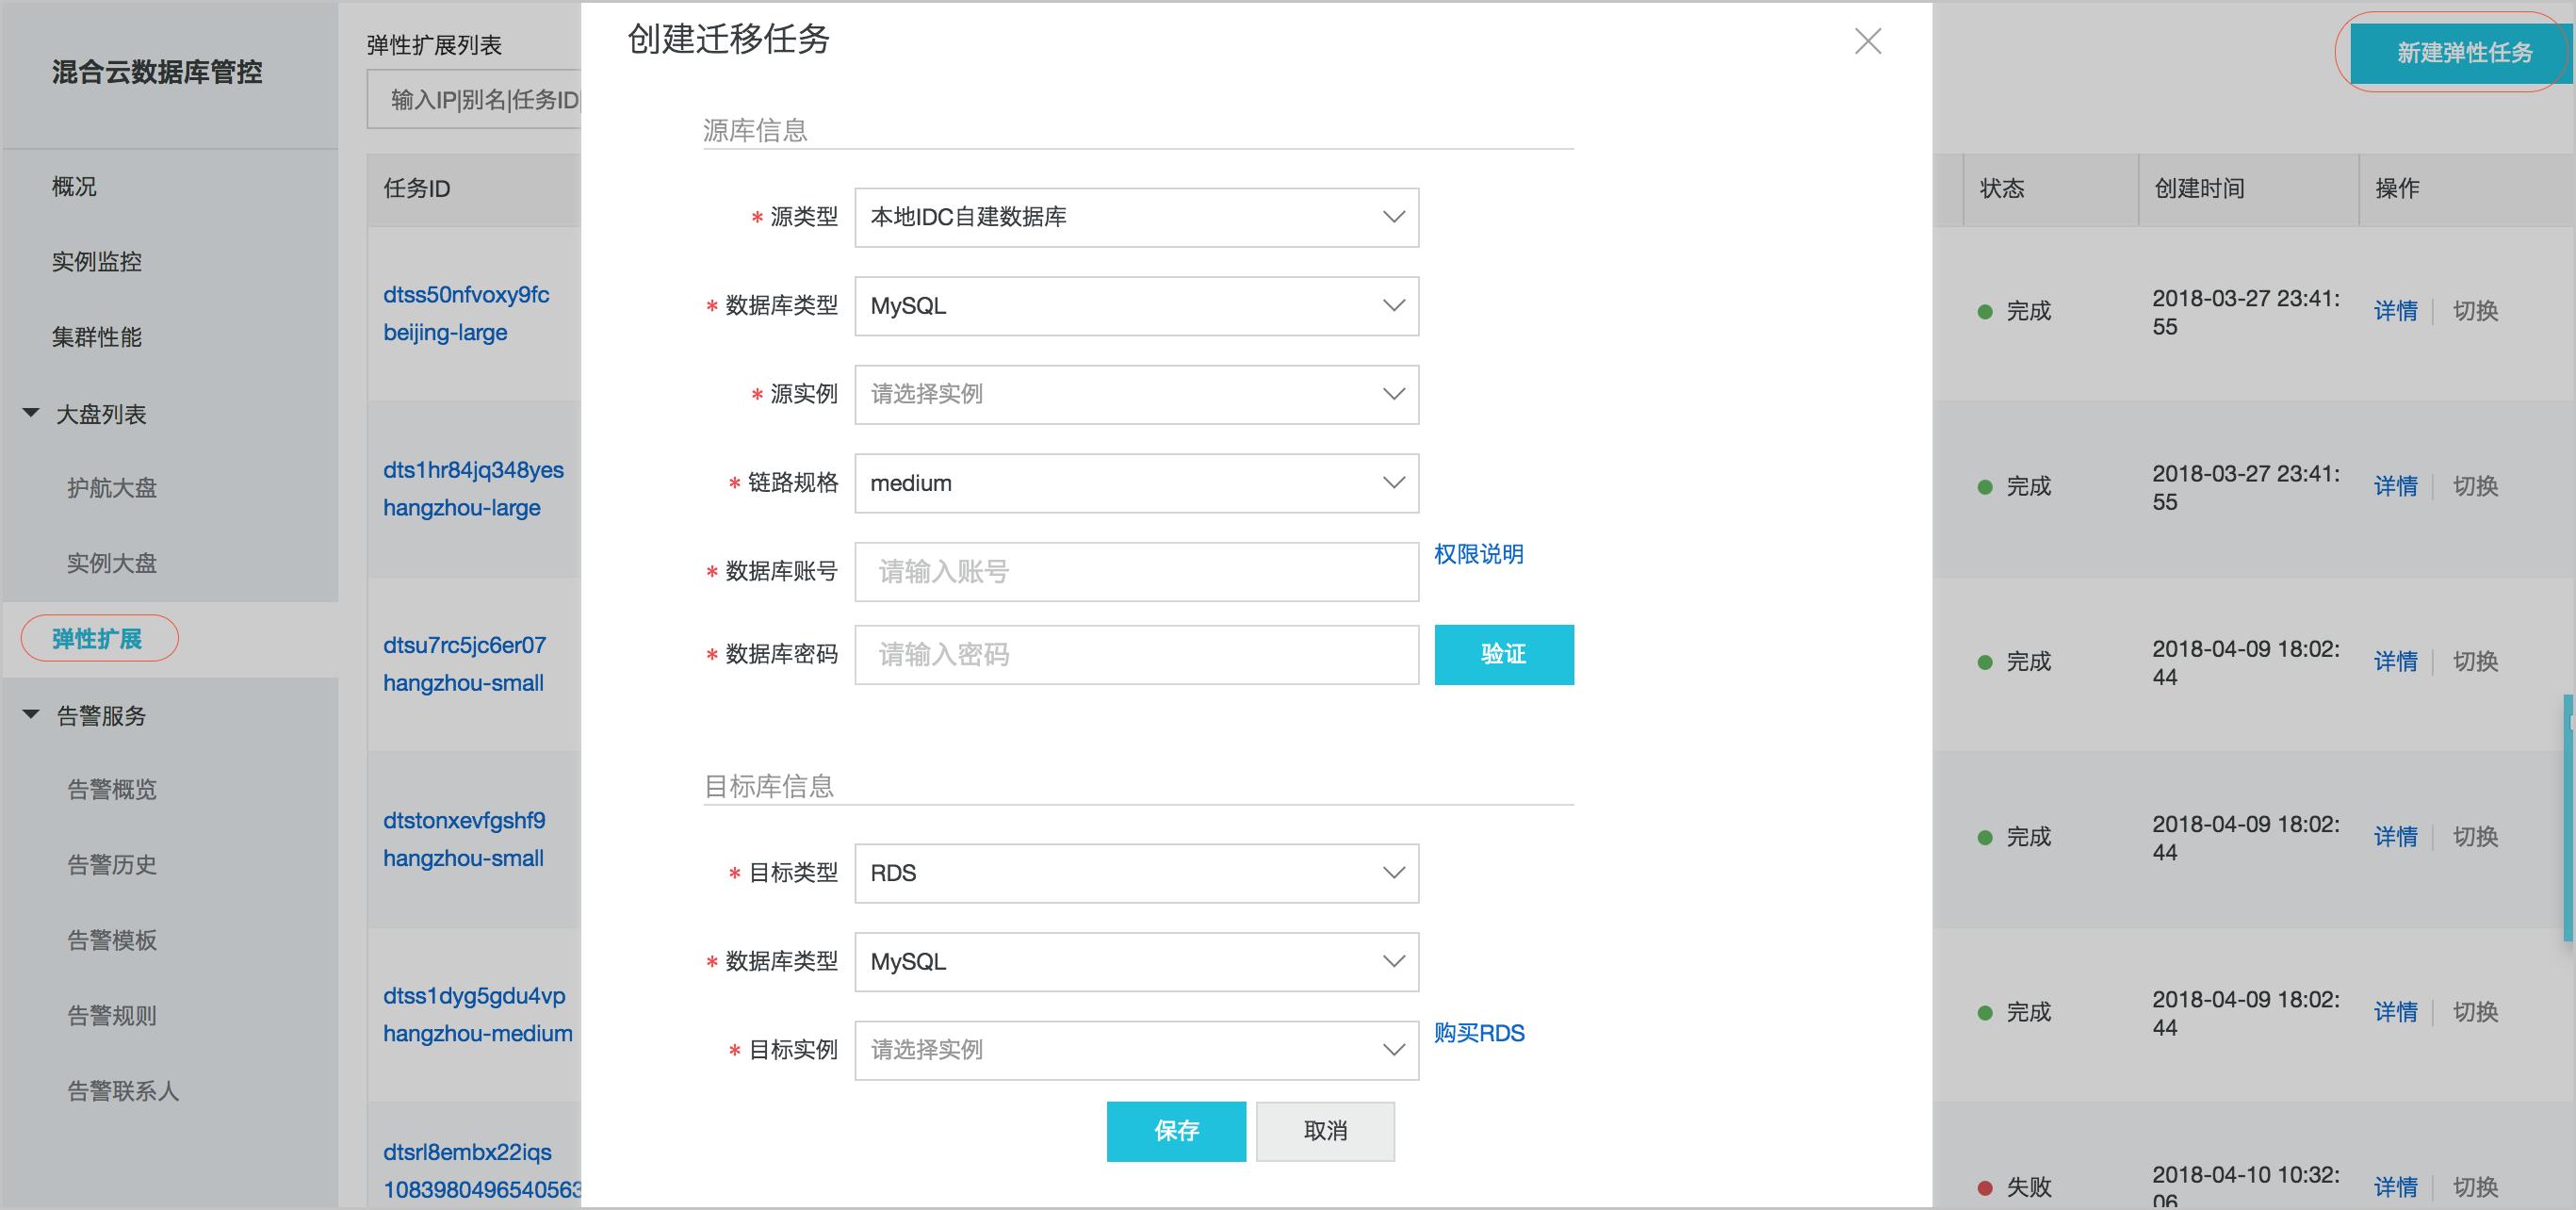 HDM_user_manual_80